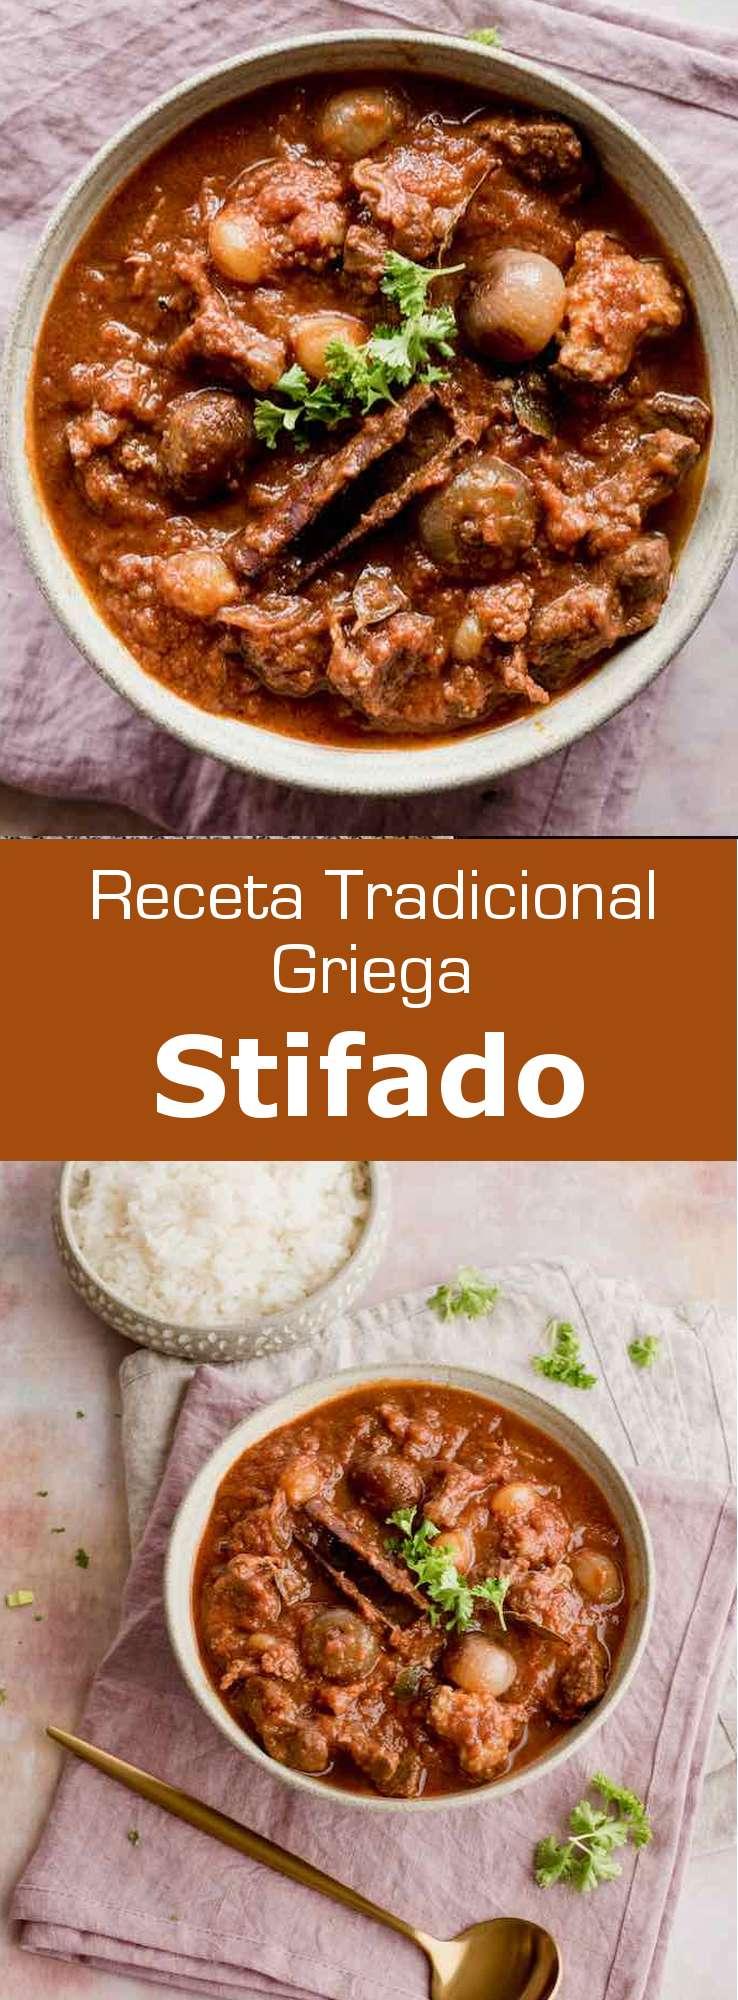 El stifádo (στιφάδο) es uno de los platos más emblemáticos y deliciosos de la cocina griega. Se puede comparar con el bourguignon de ternera francés.